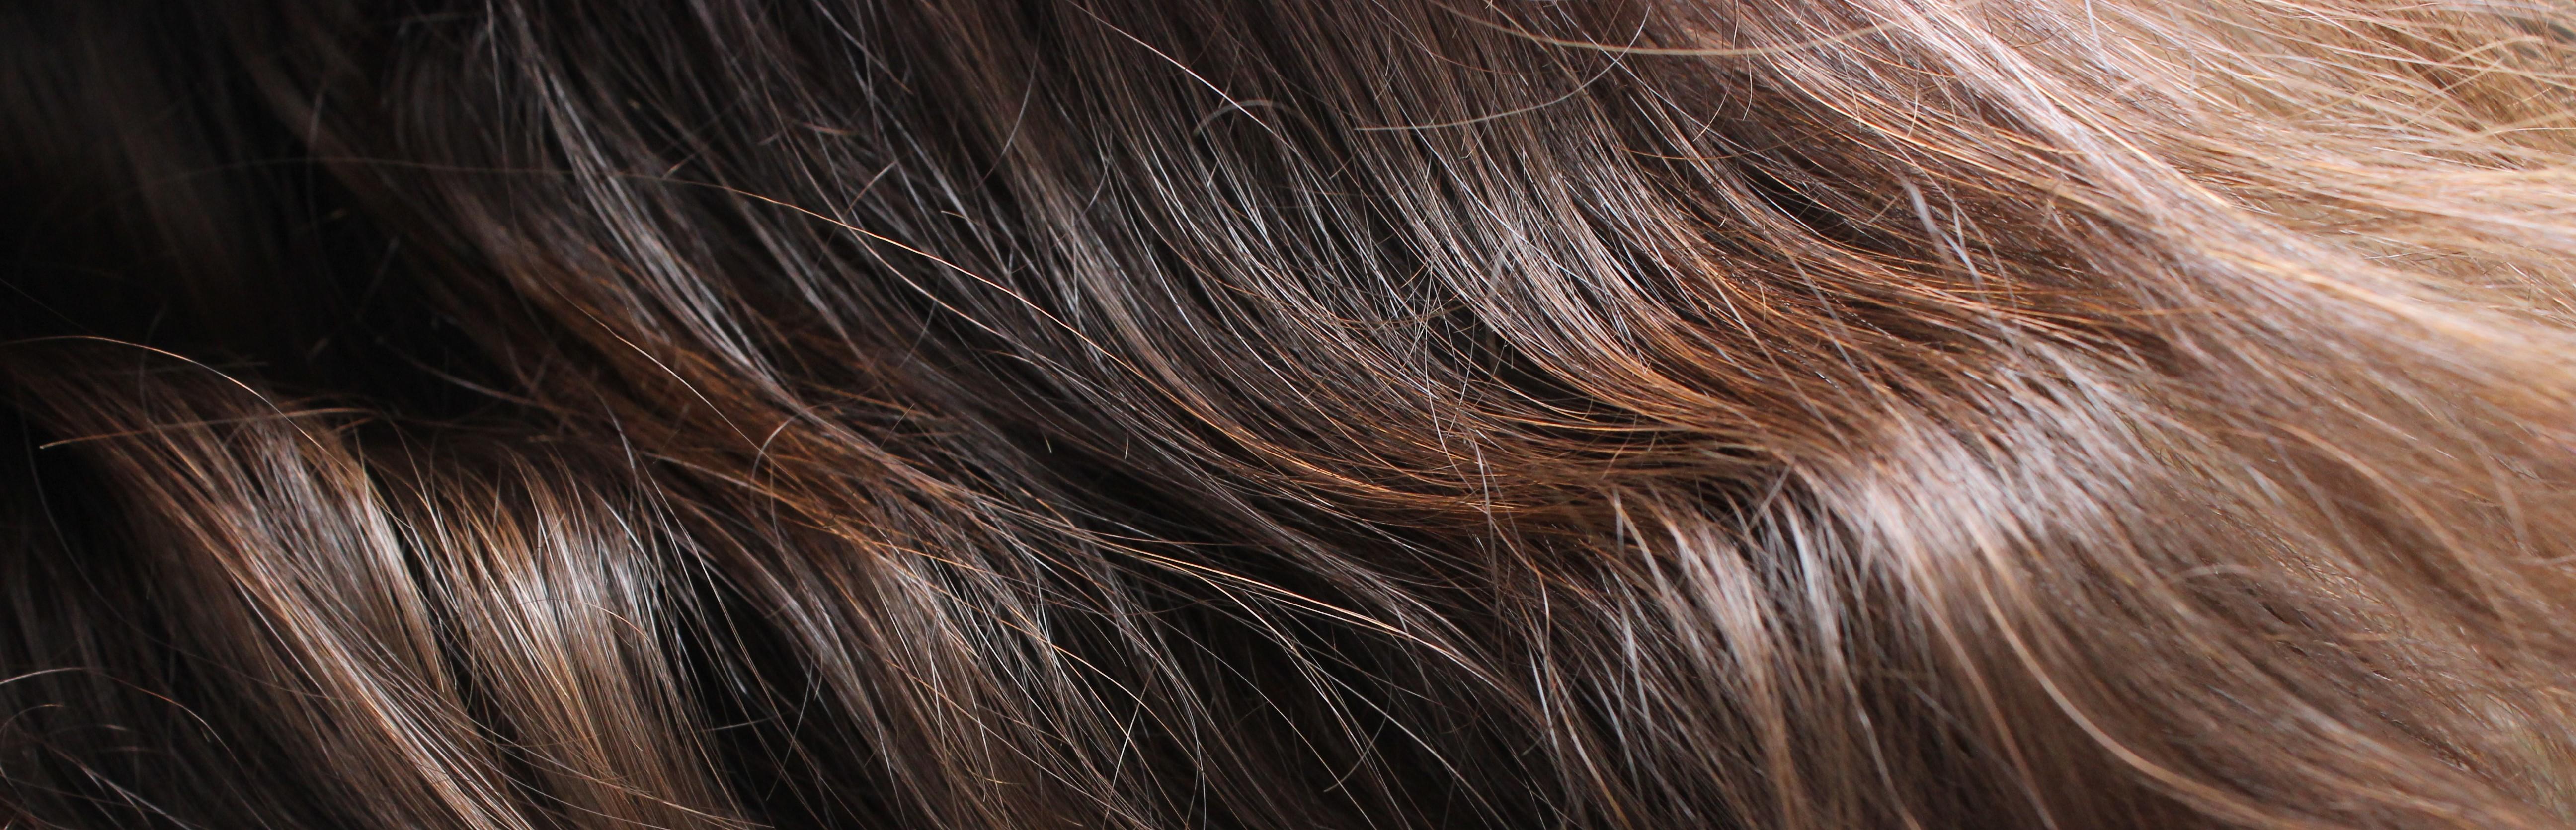 Couleur De Cheveux Marron Coloration Caramel Broux Miel